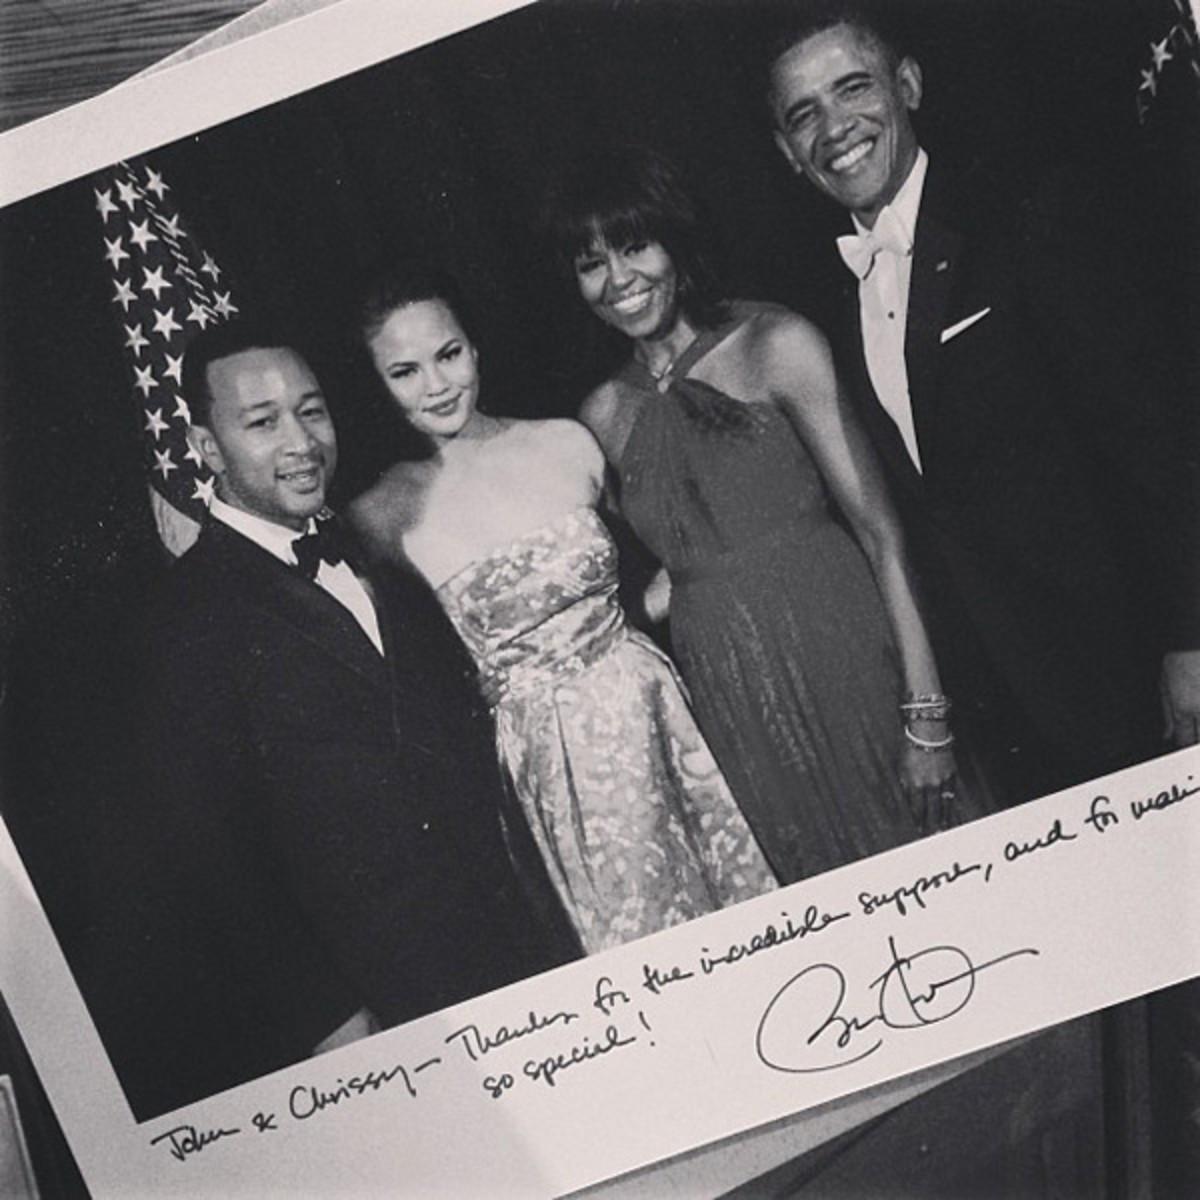 John Legend, Chrissy Teigen, Michelle Obama and Barack Obama :: @chrissyteigen